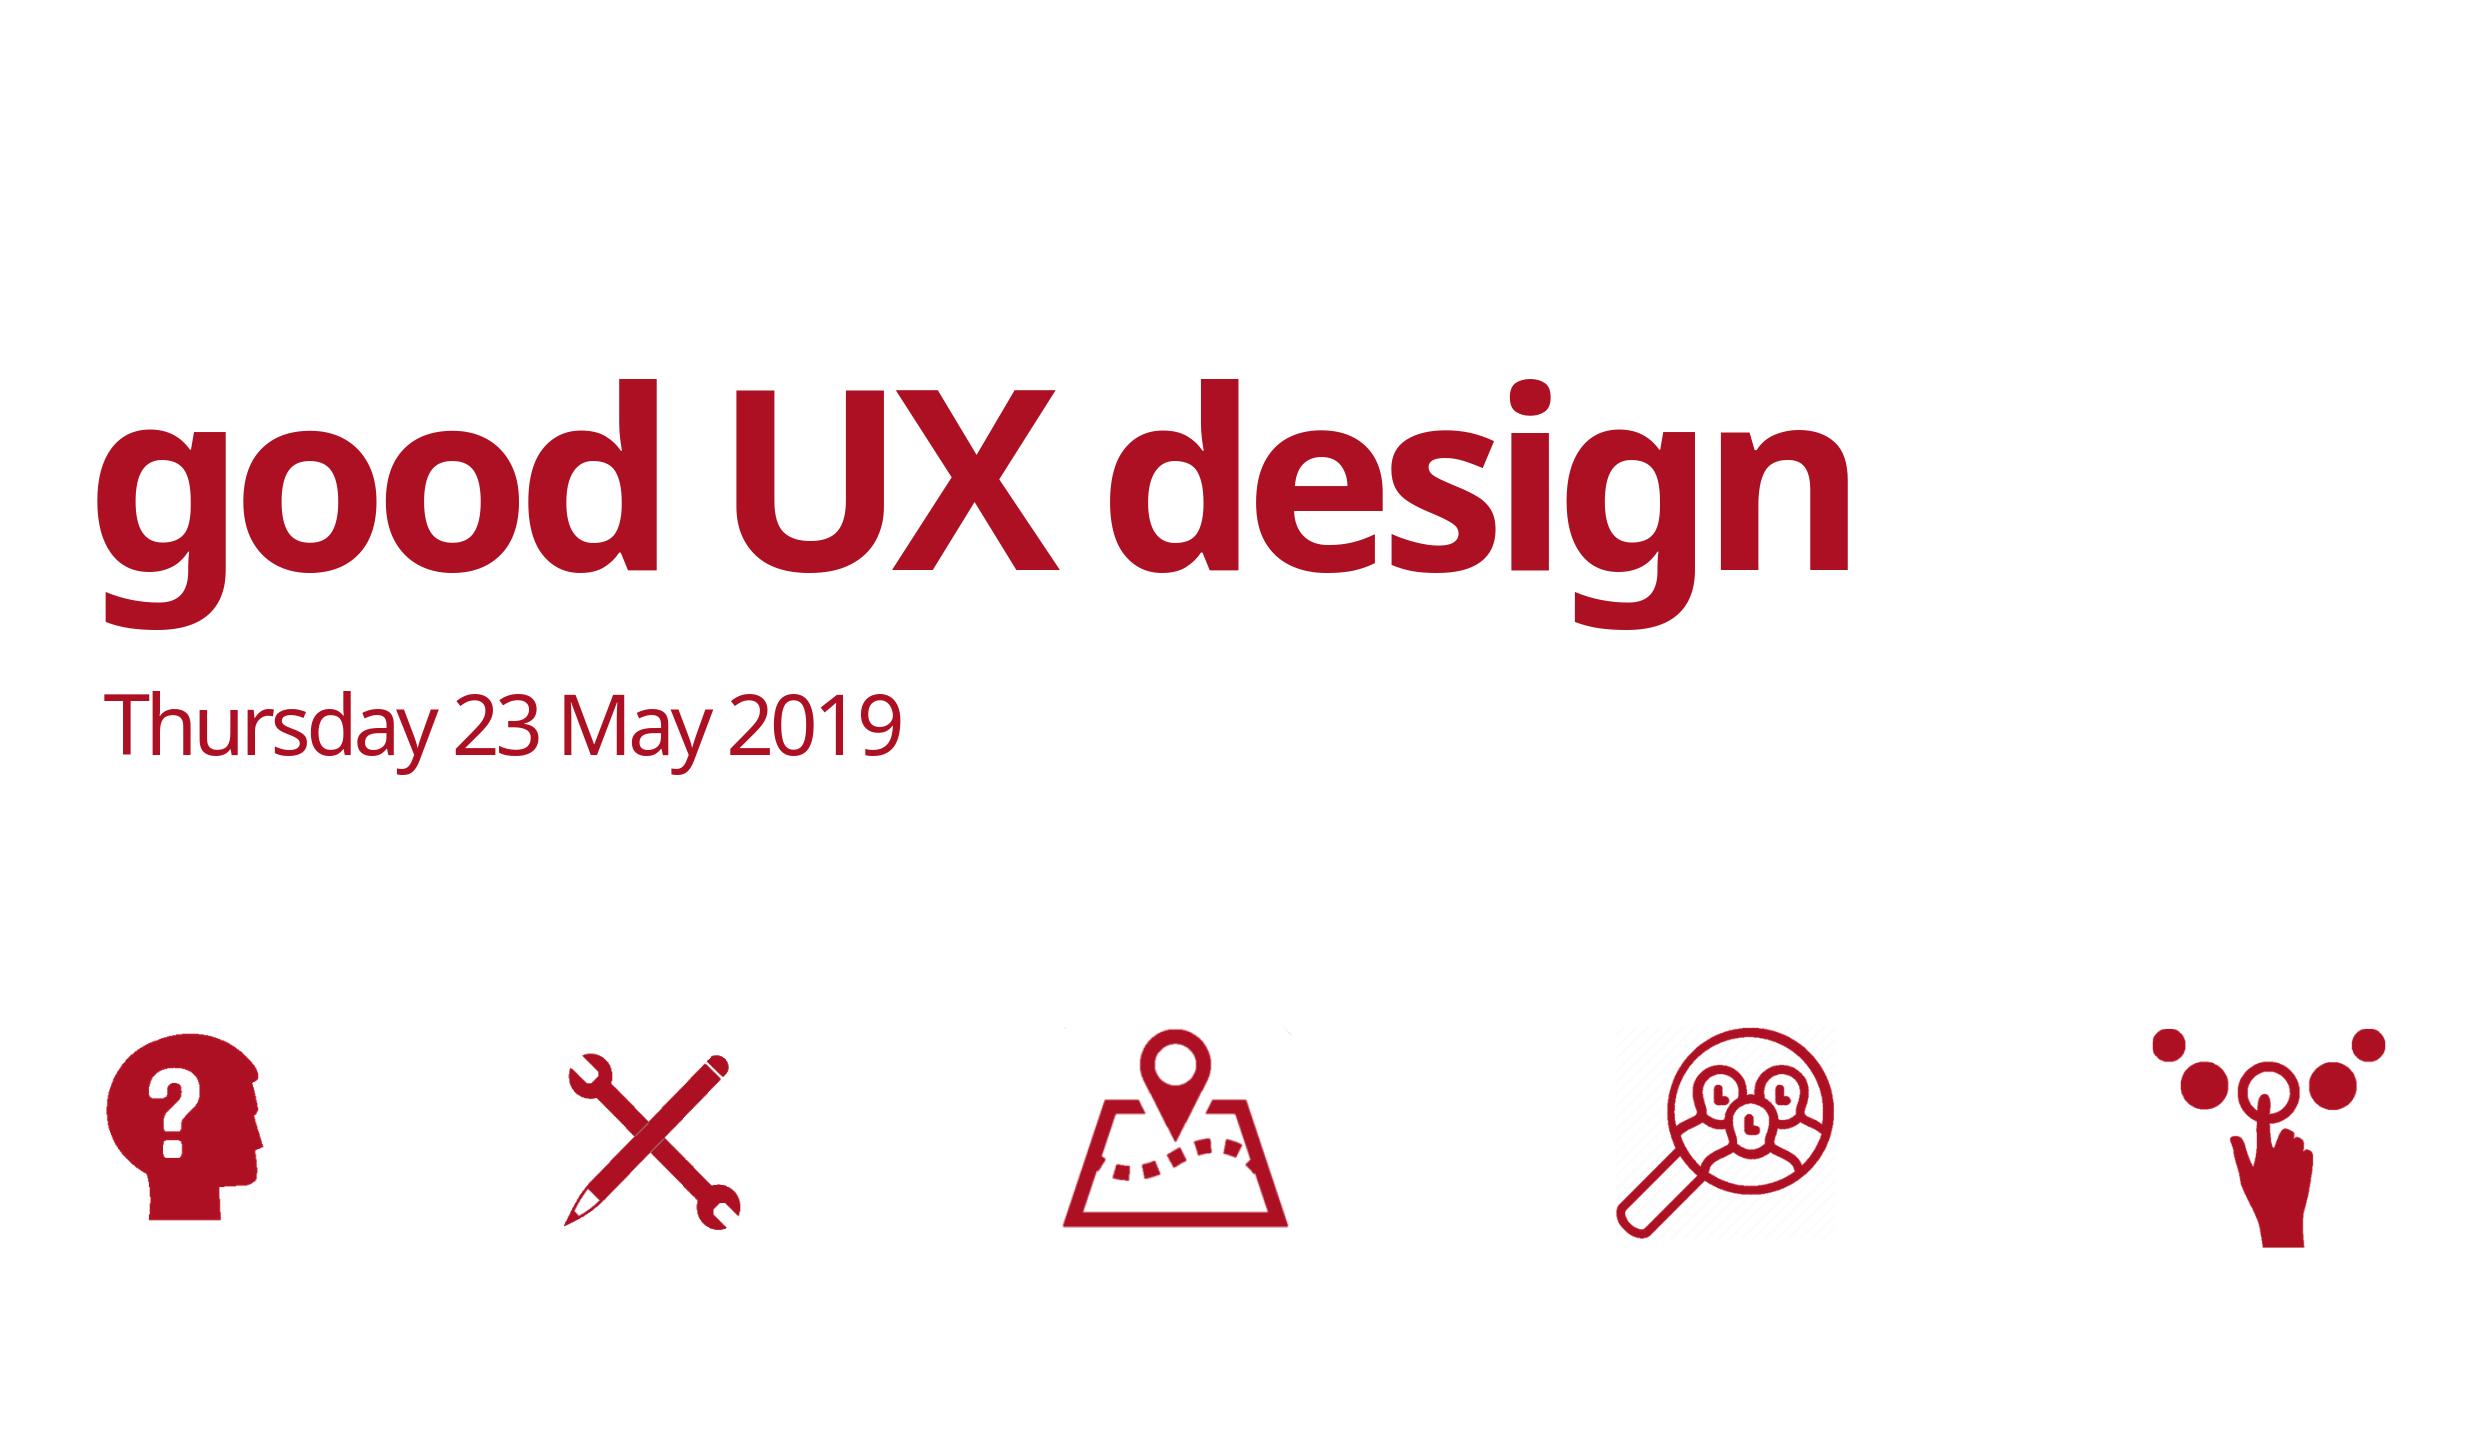 good ux design meet-up